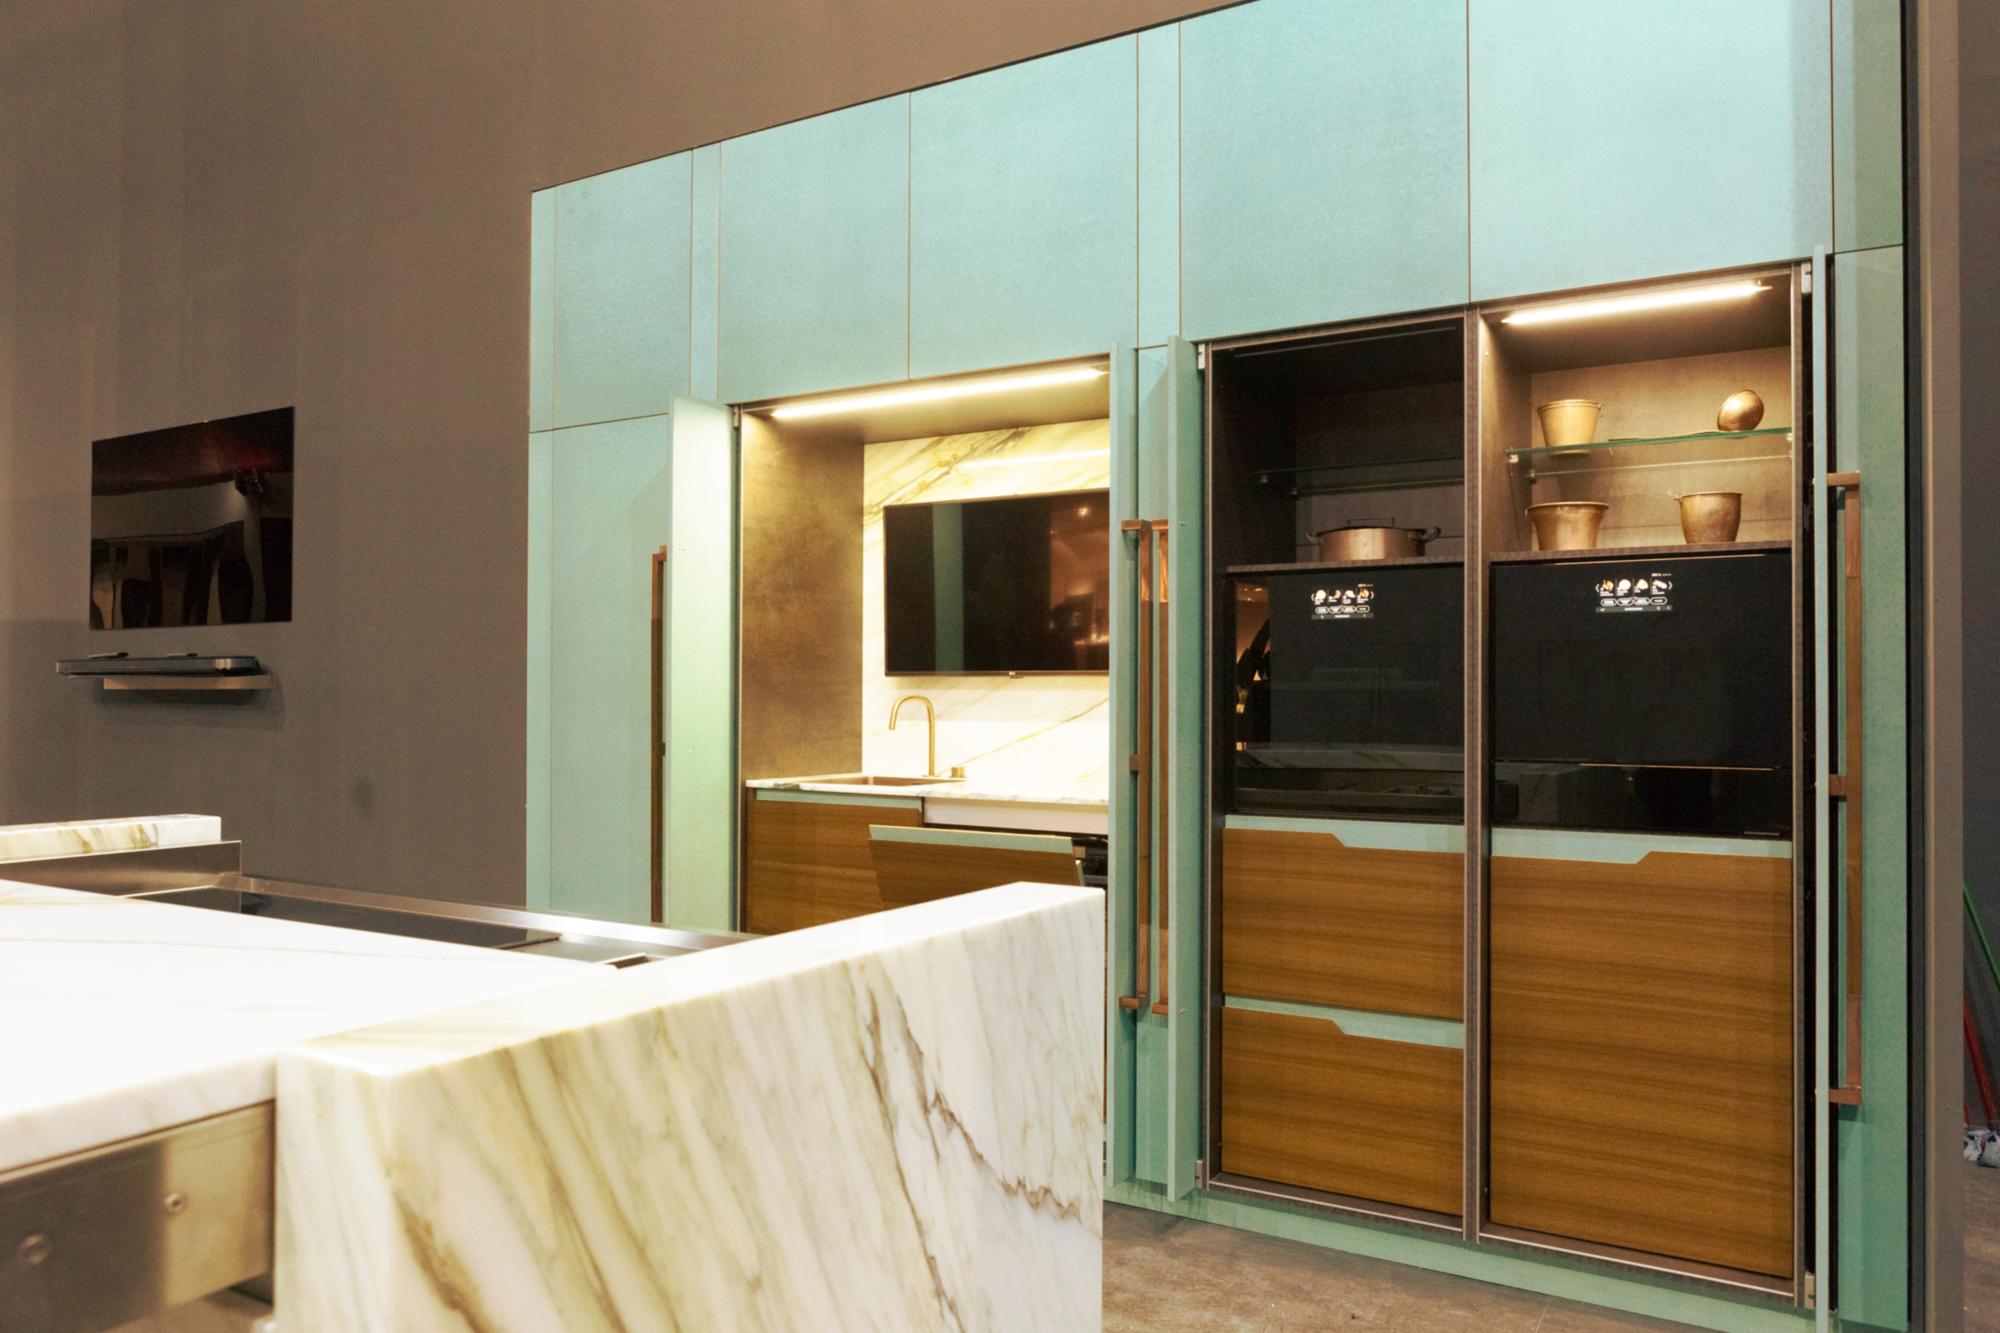 lg debuts signature kitchen suite in europe at milan design week